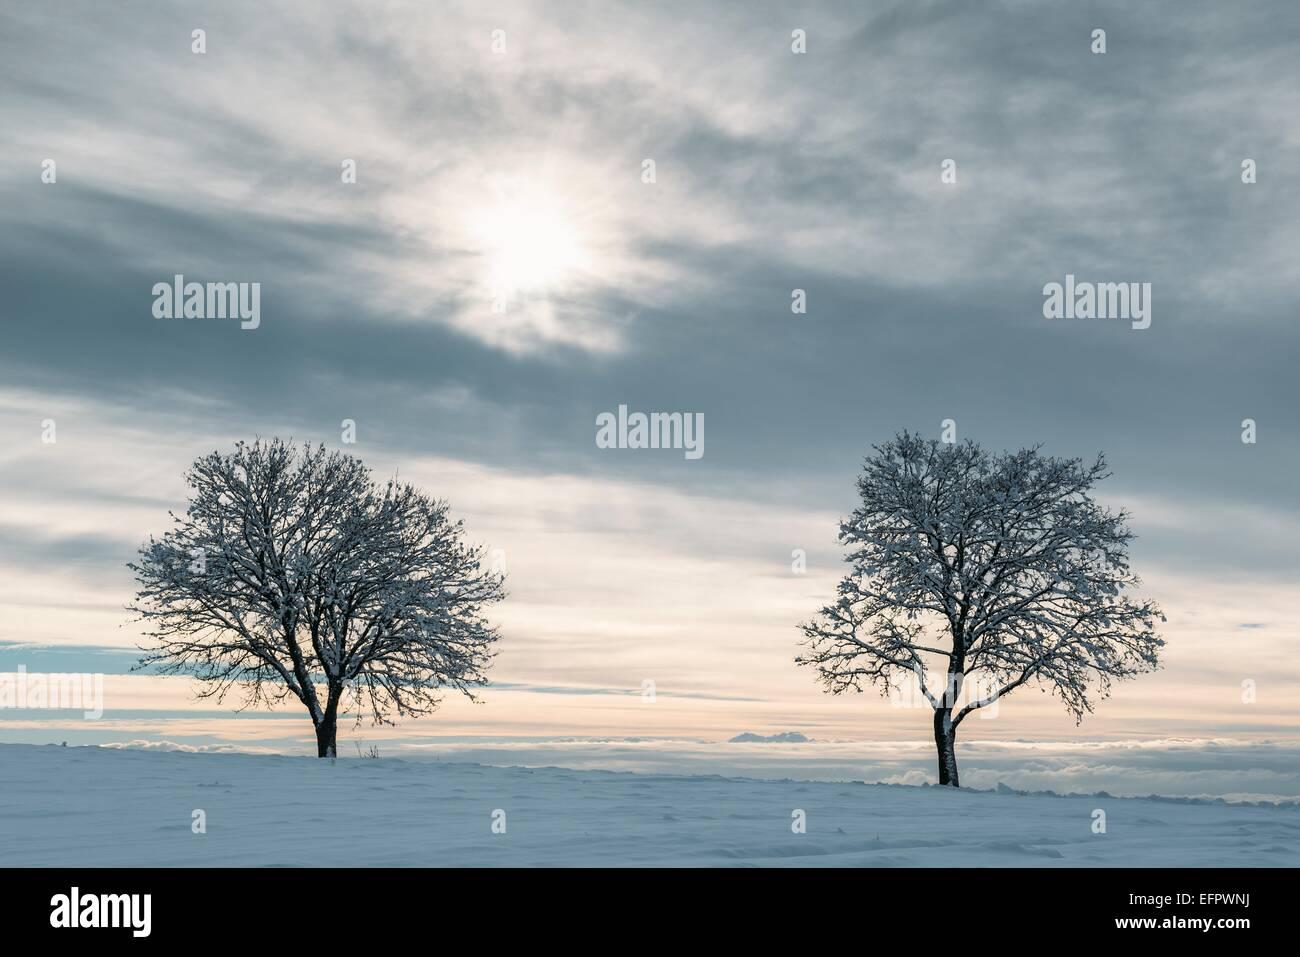 Les arbres dénudés en hiver, Bade-Wurtemberg, Allemagne Photo Stock